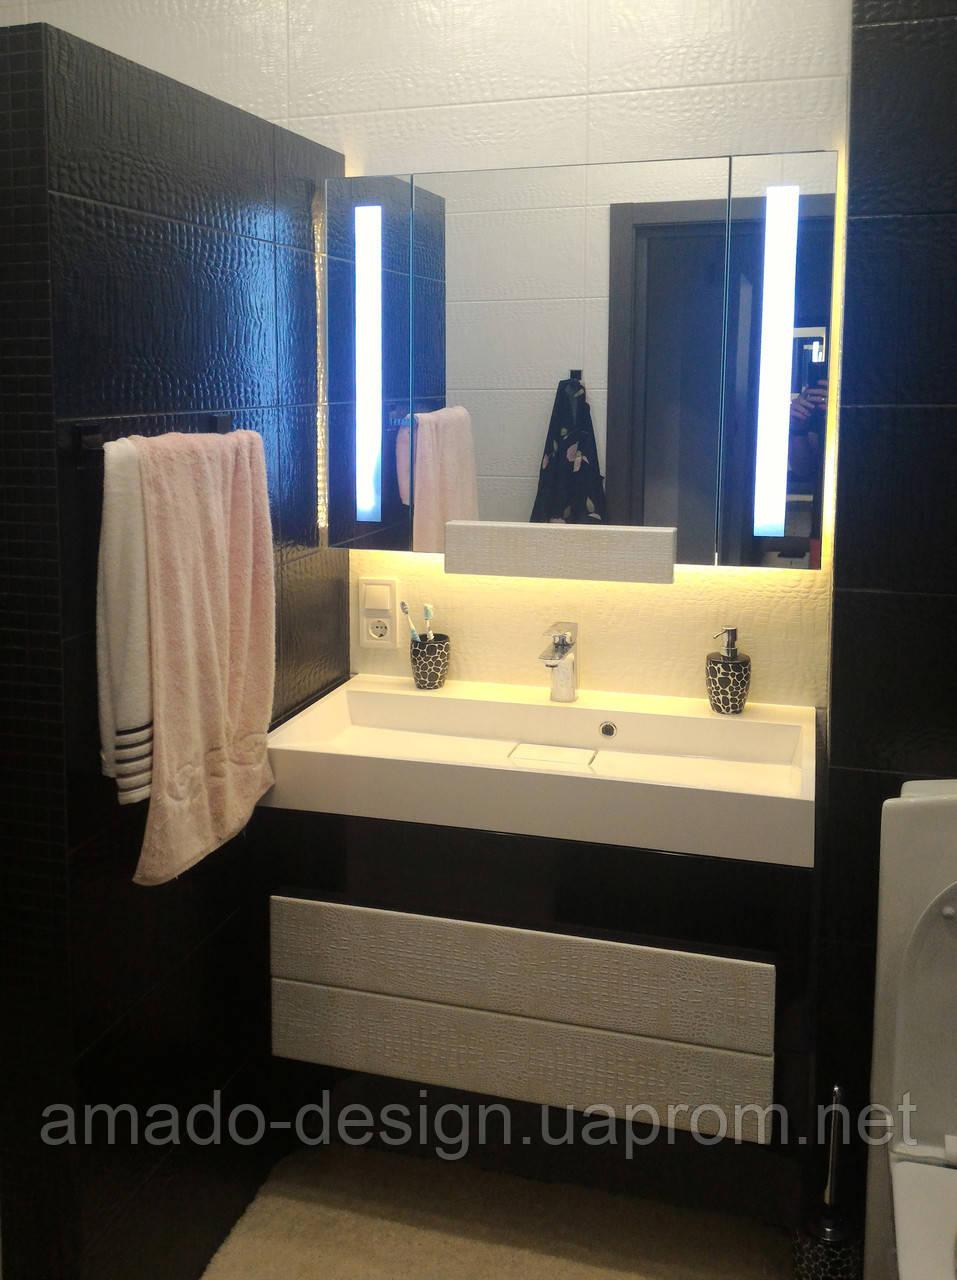 """Мебель в ванную комнату, мойдодыр - Мебельное ателье """"Амадо"""" в Одессе"""